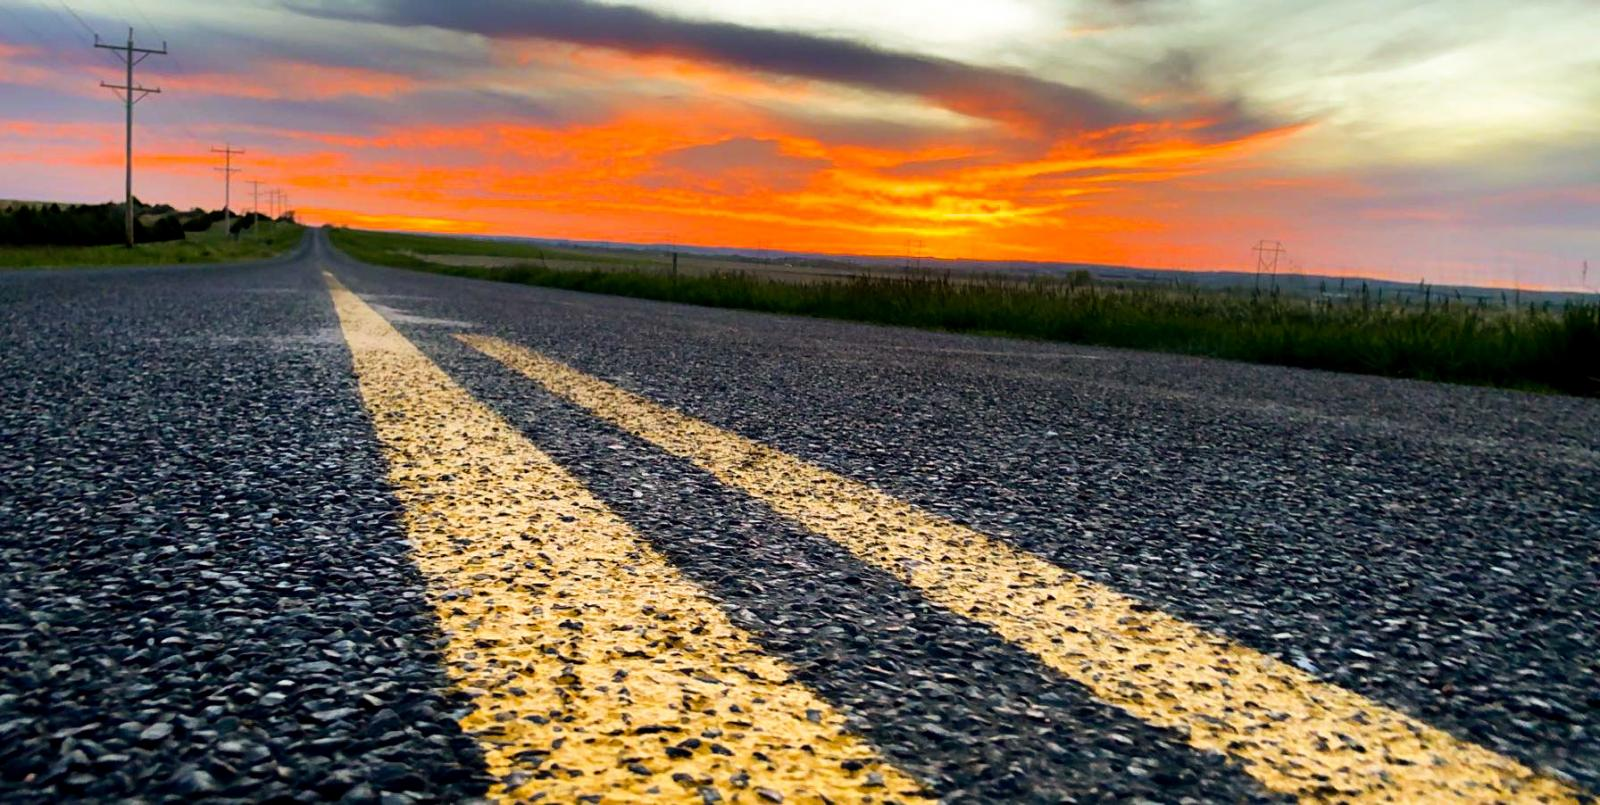 sunset on nebraska highway